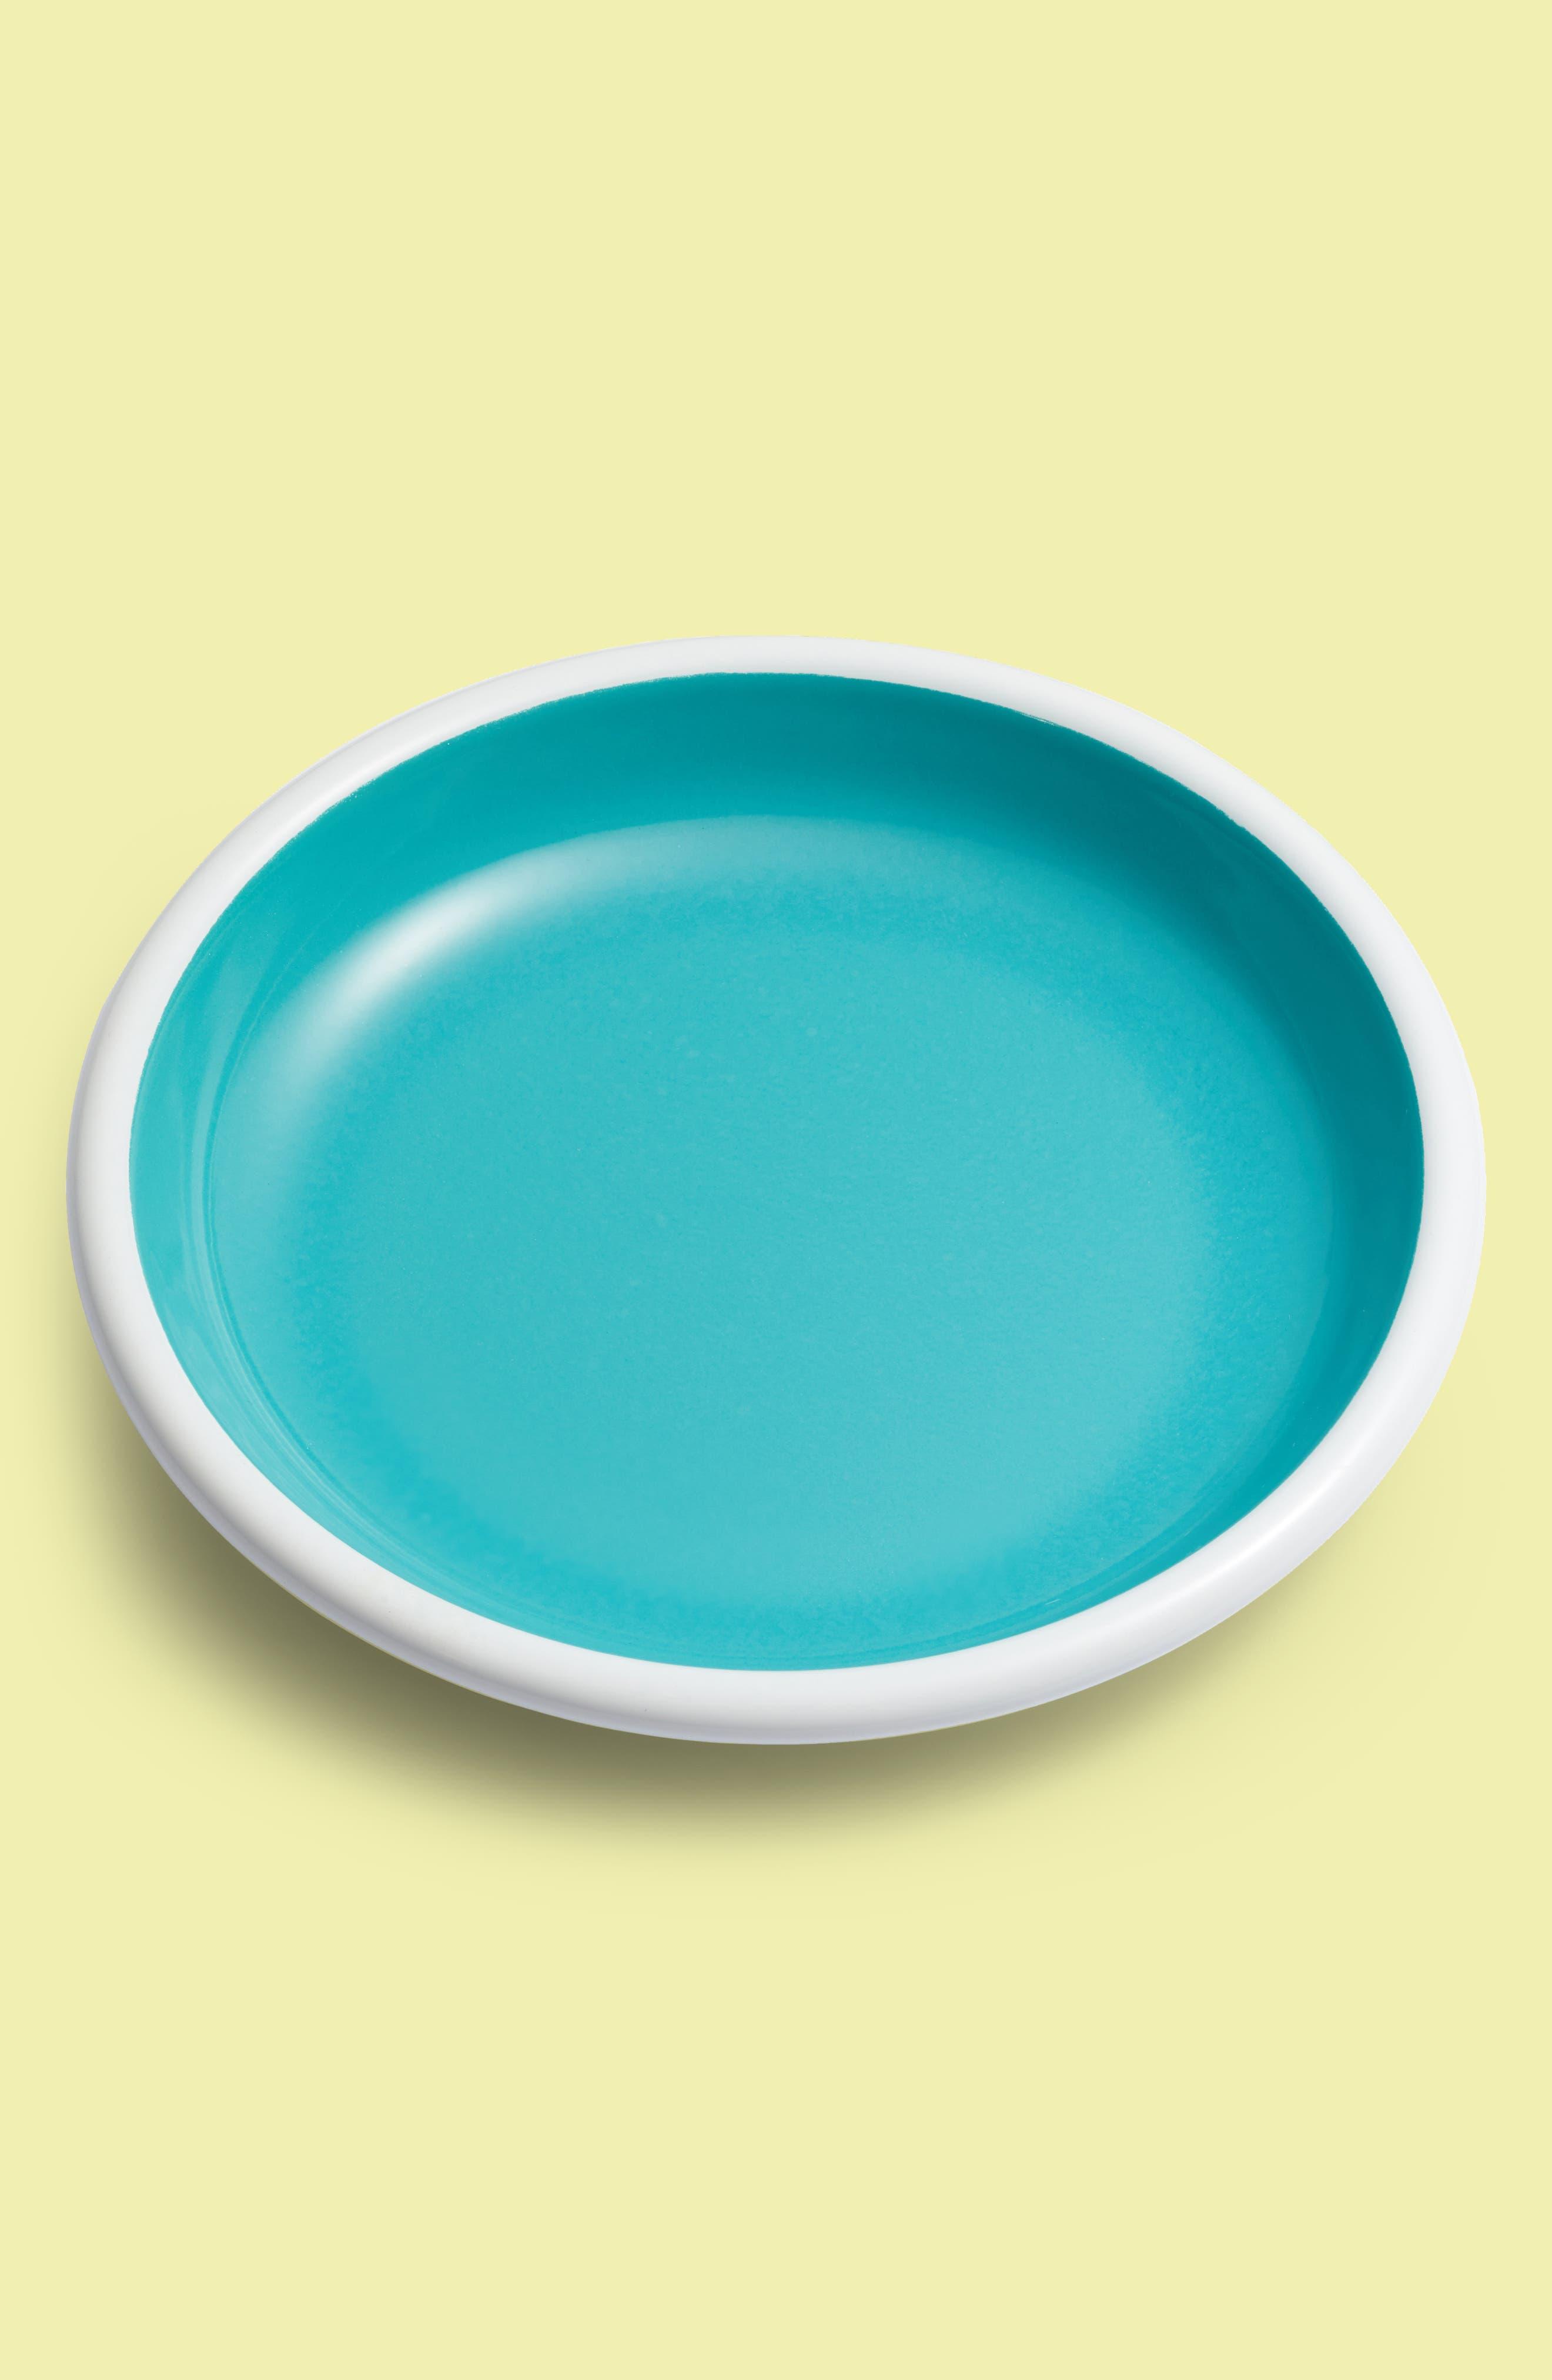 BORNN Enamelware Lunch Plate